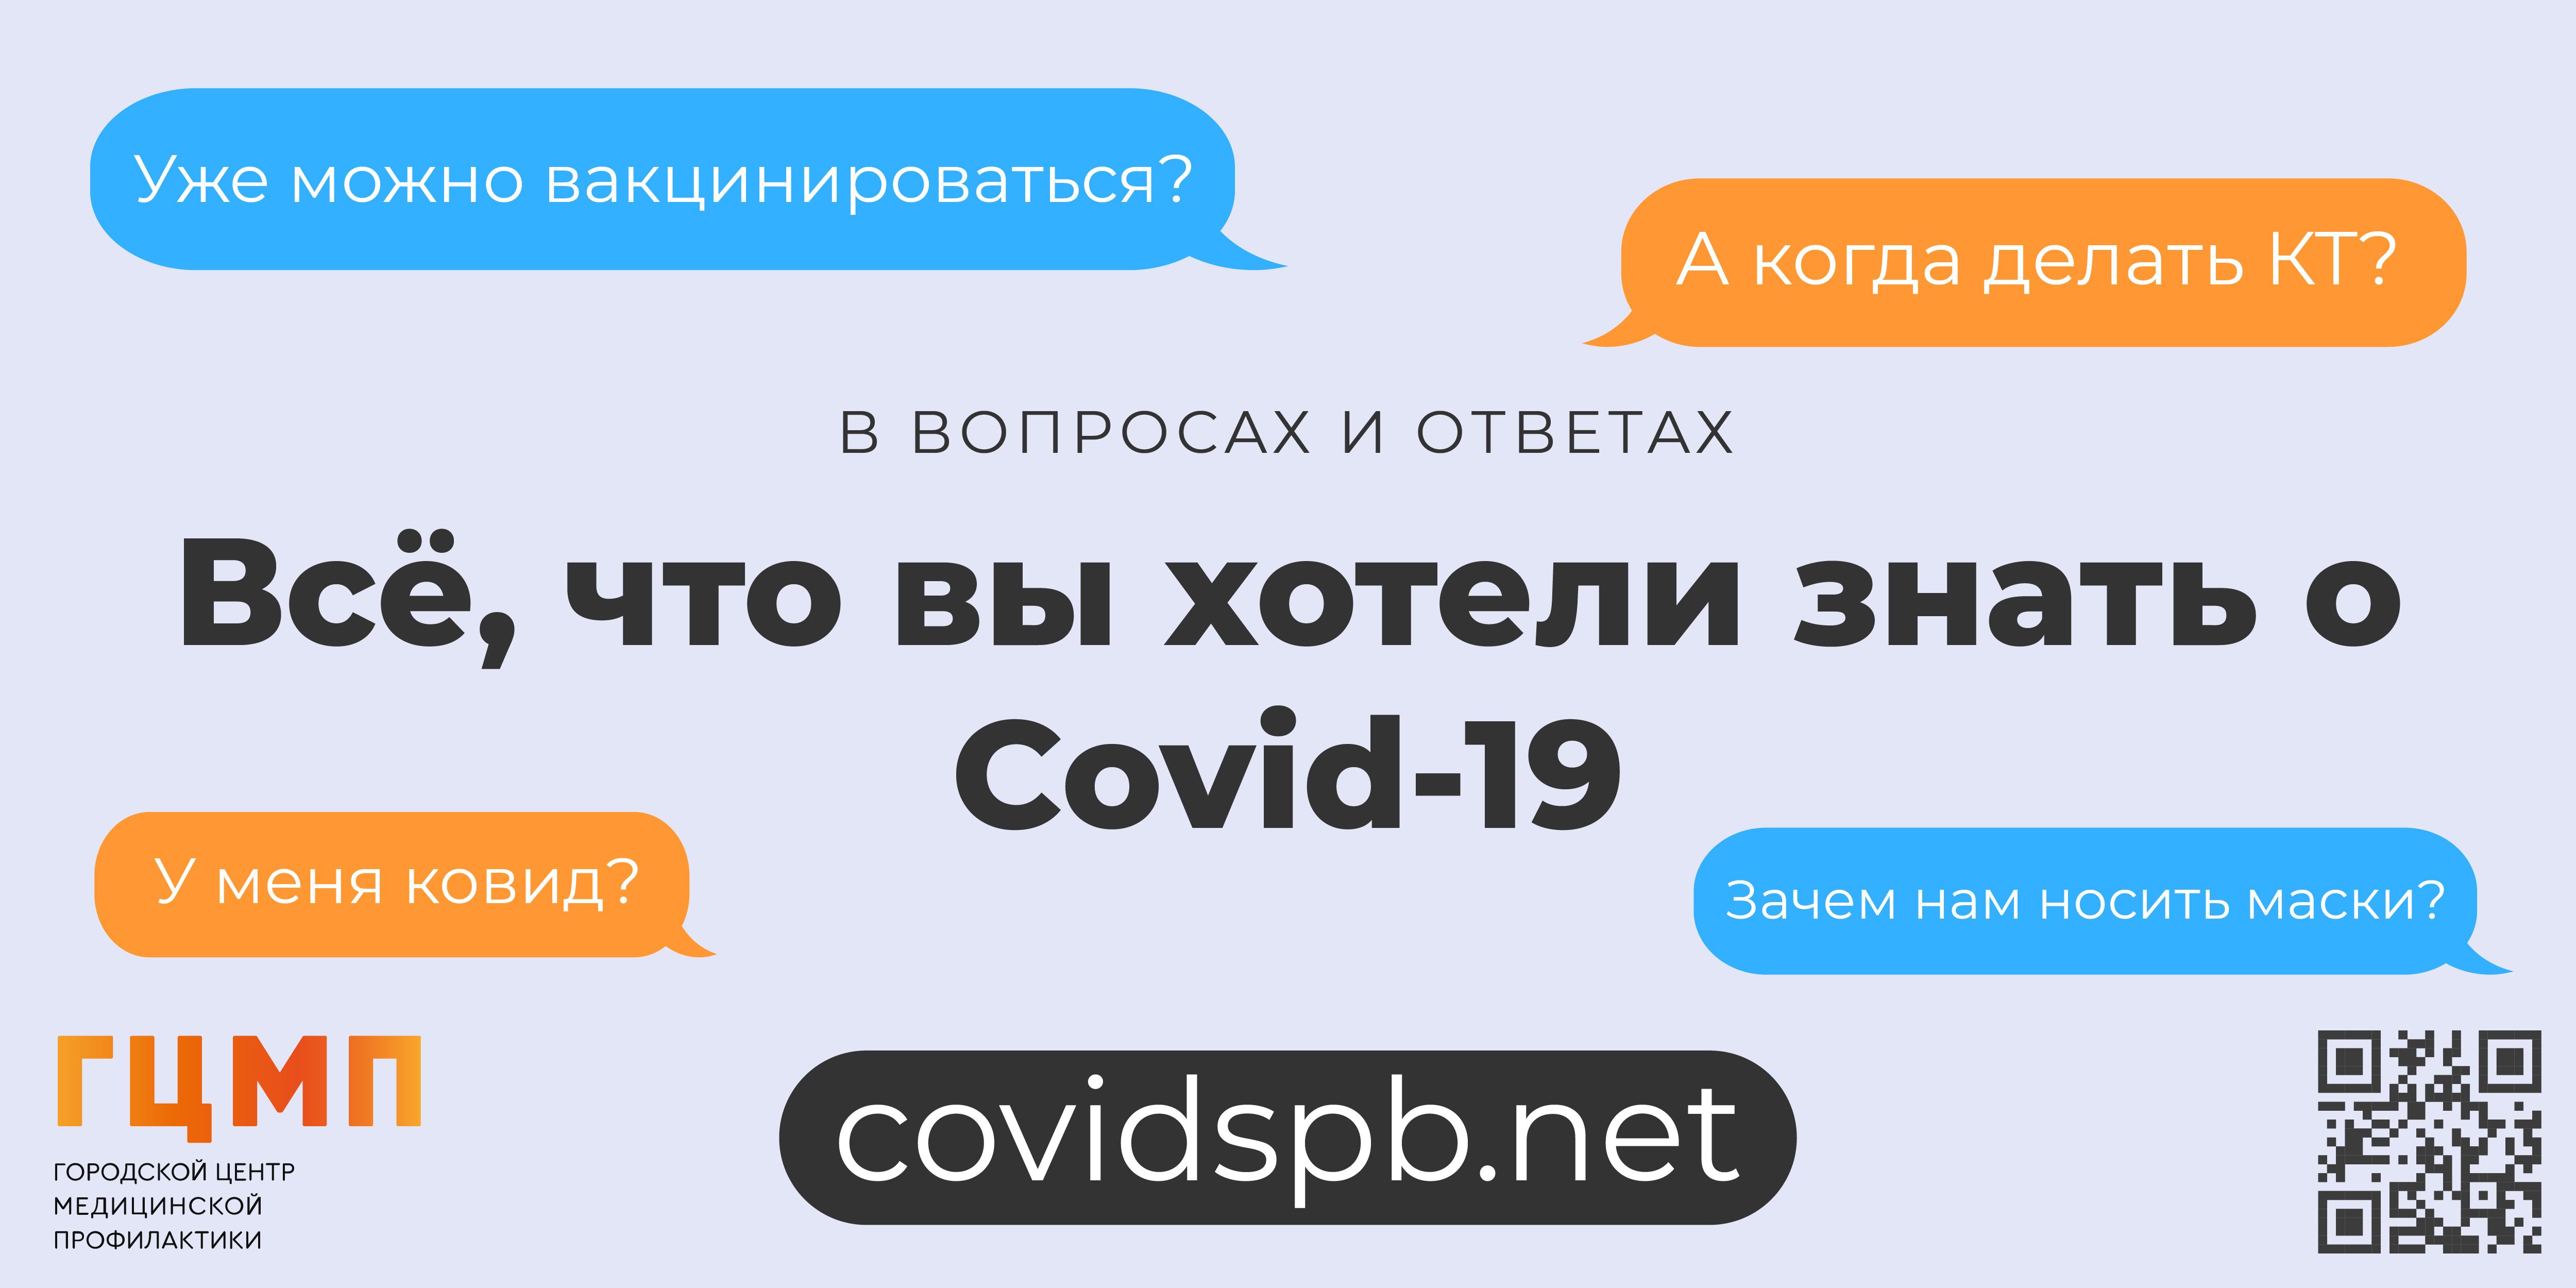 covidspb.net Всё, что вы хотели знать, о Covid-19